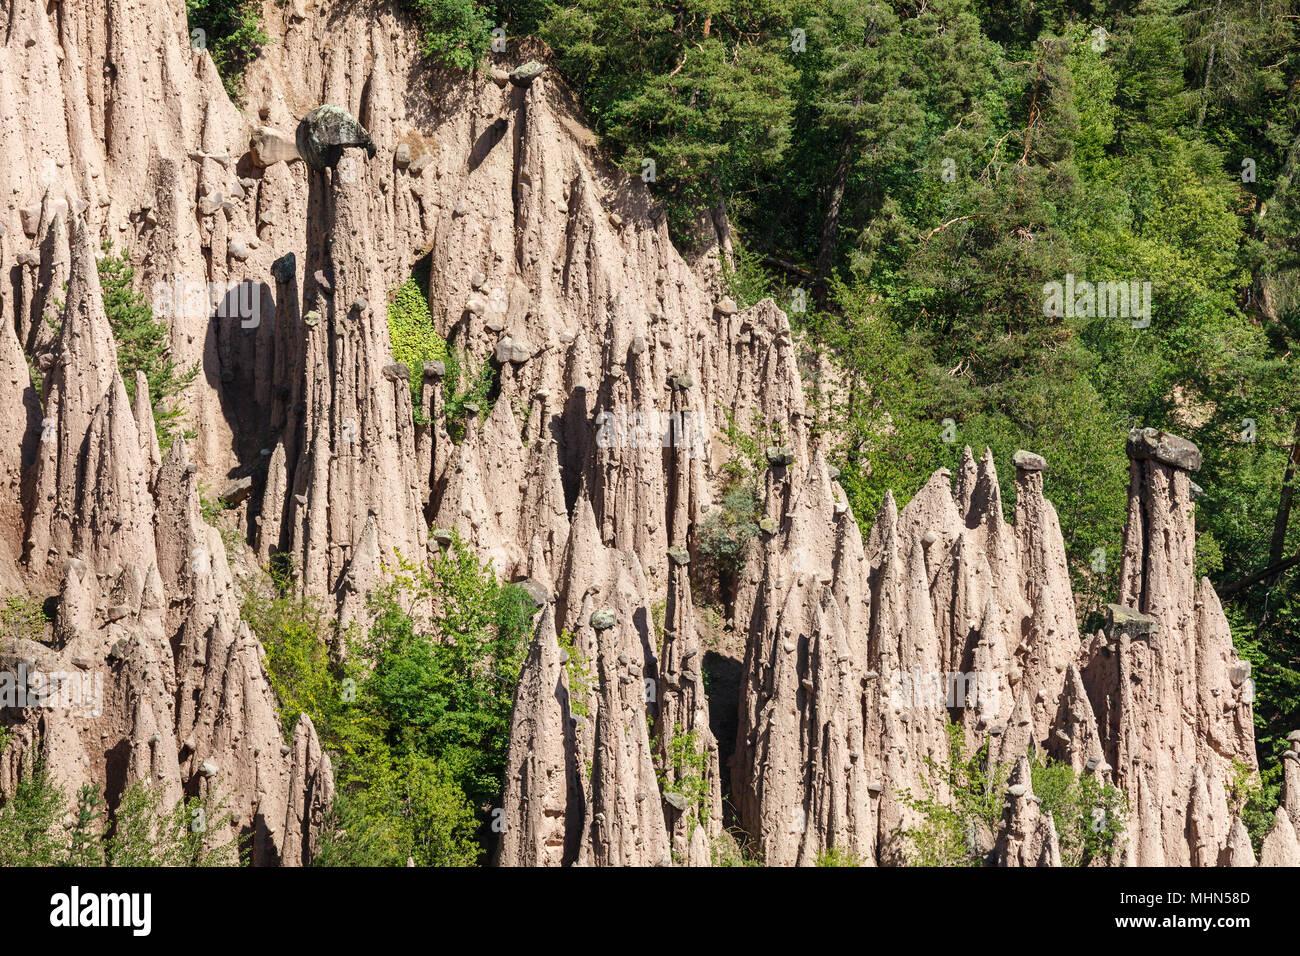 Piramidi di Terra, Renon, Italy - Stock Image